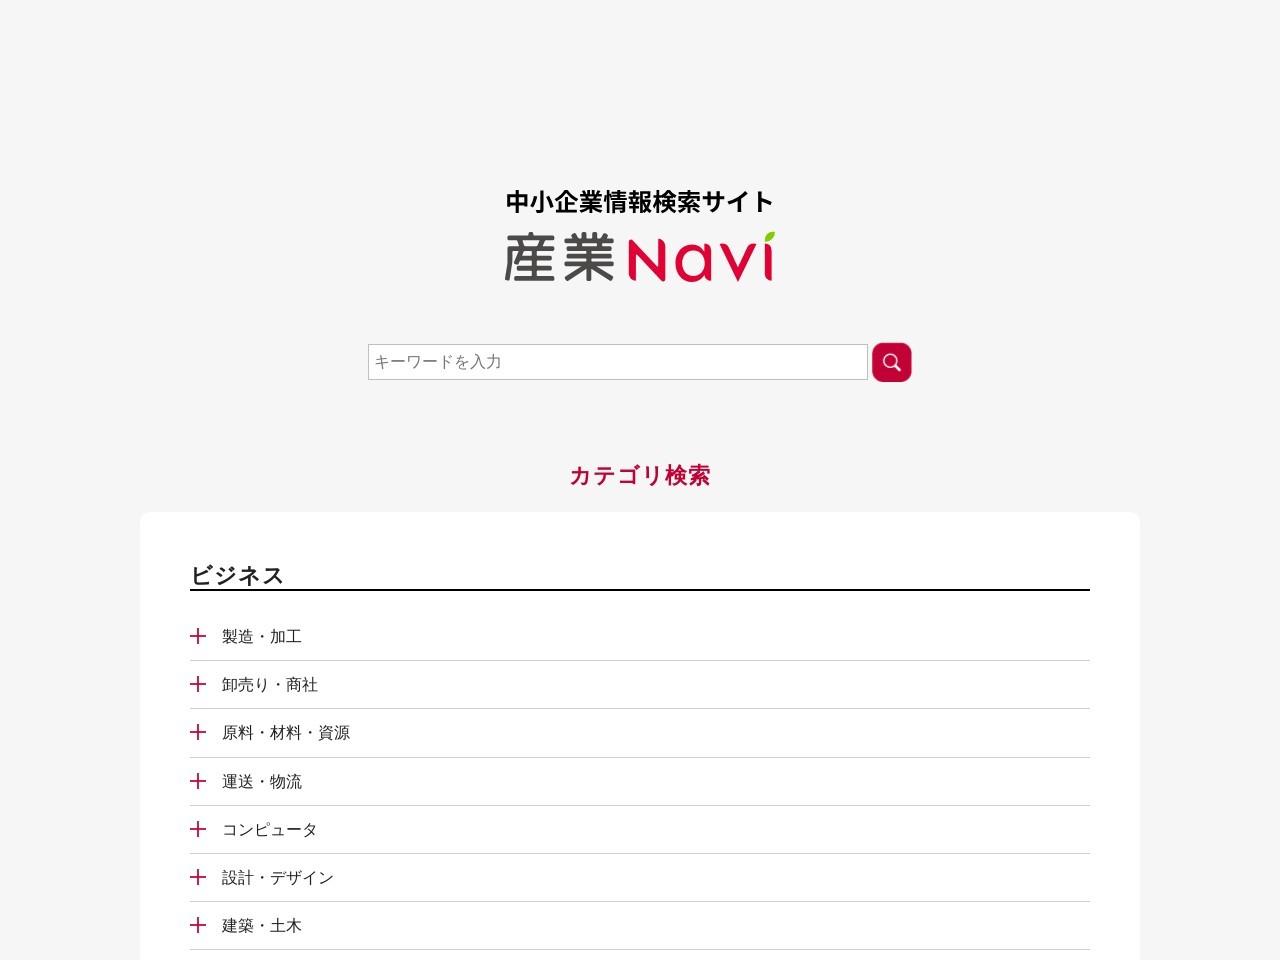 一般財団法人神奈川県経営者福祉振興財団